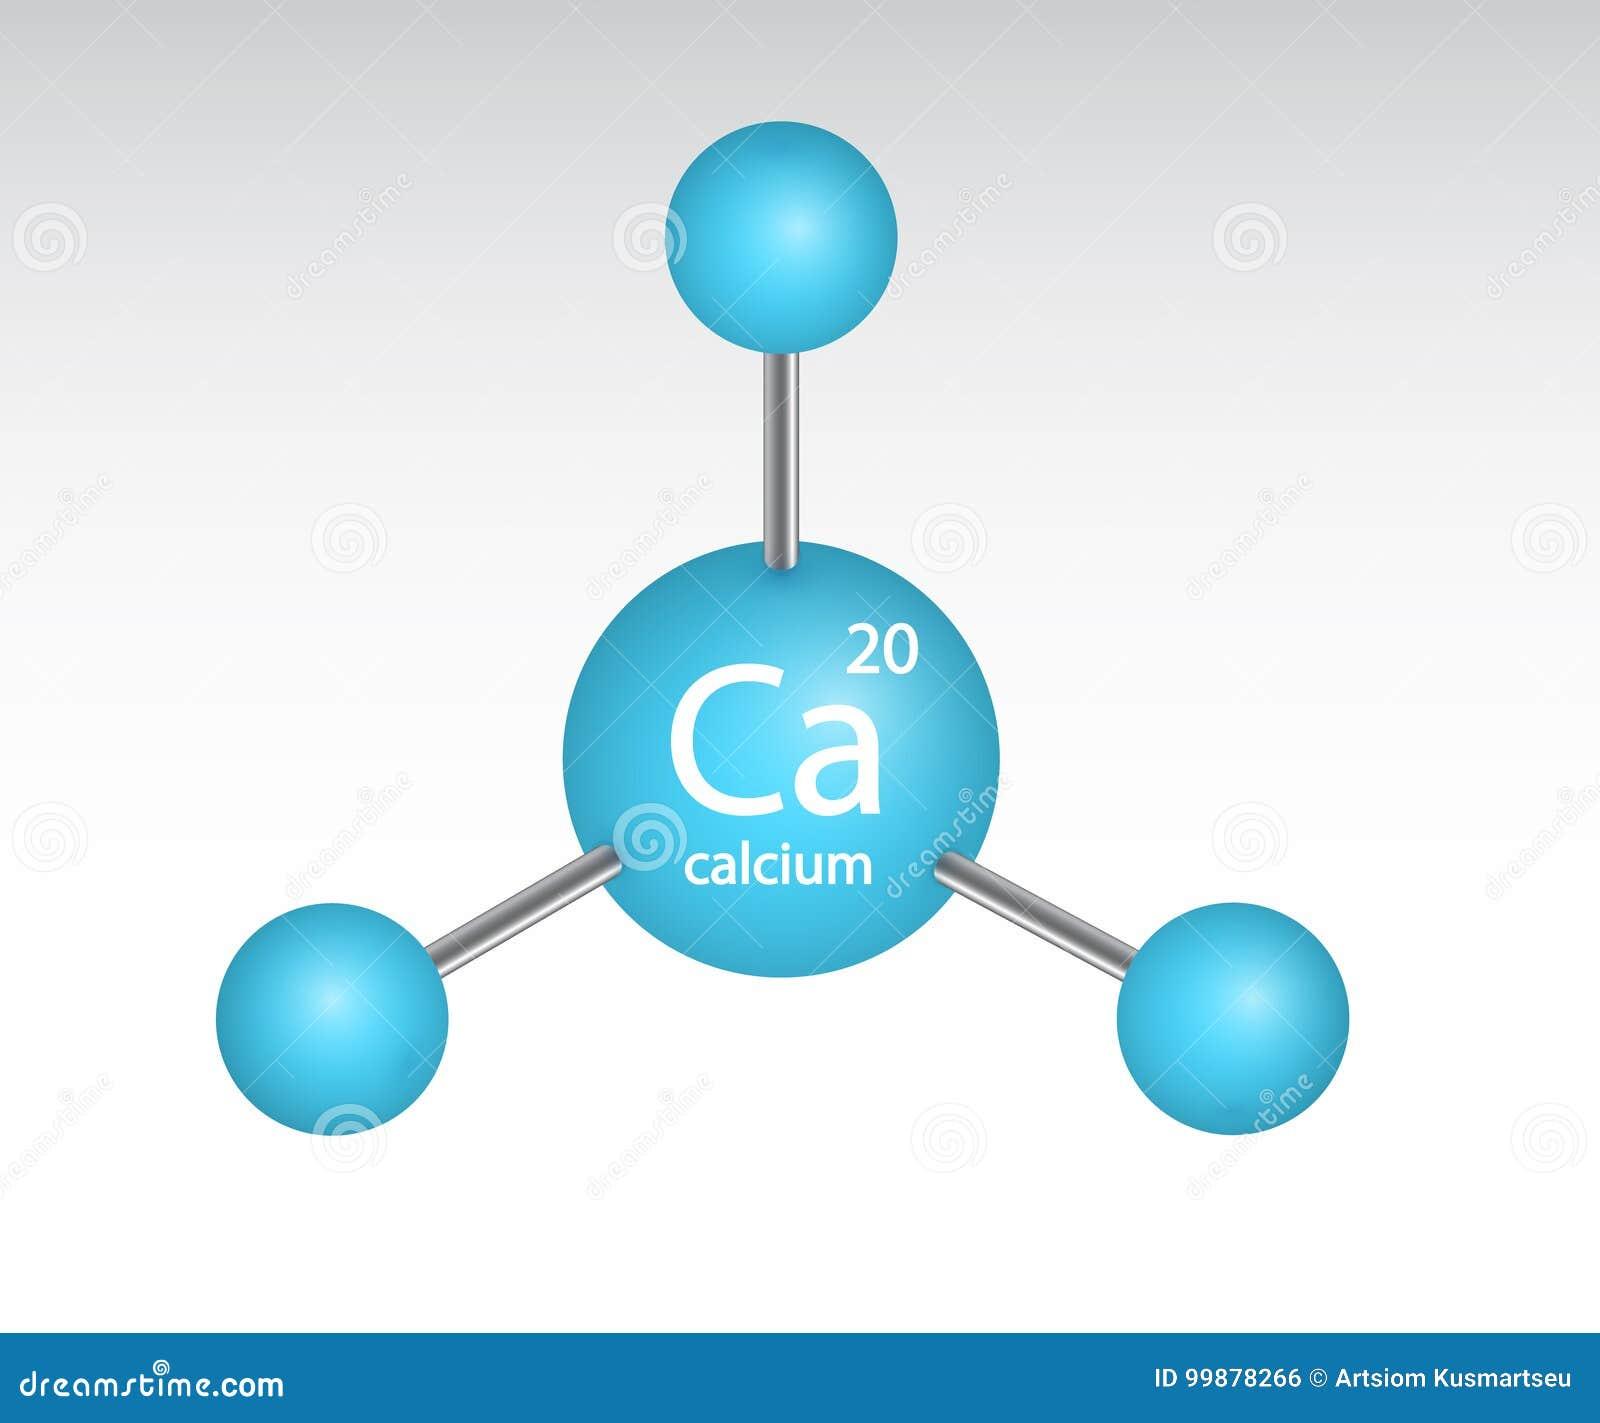 Calcium icon